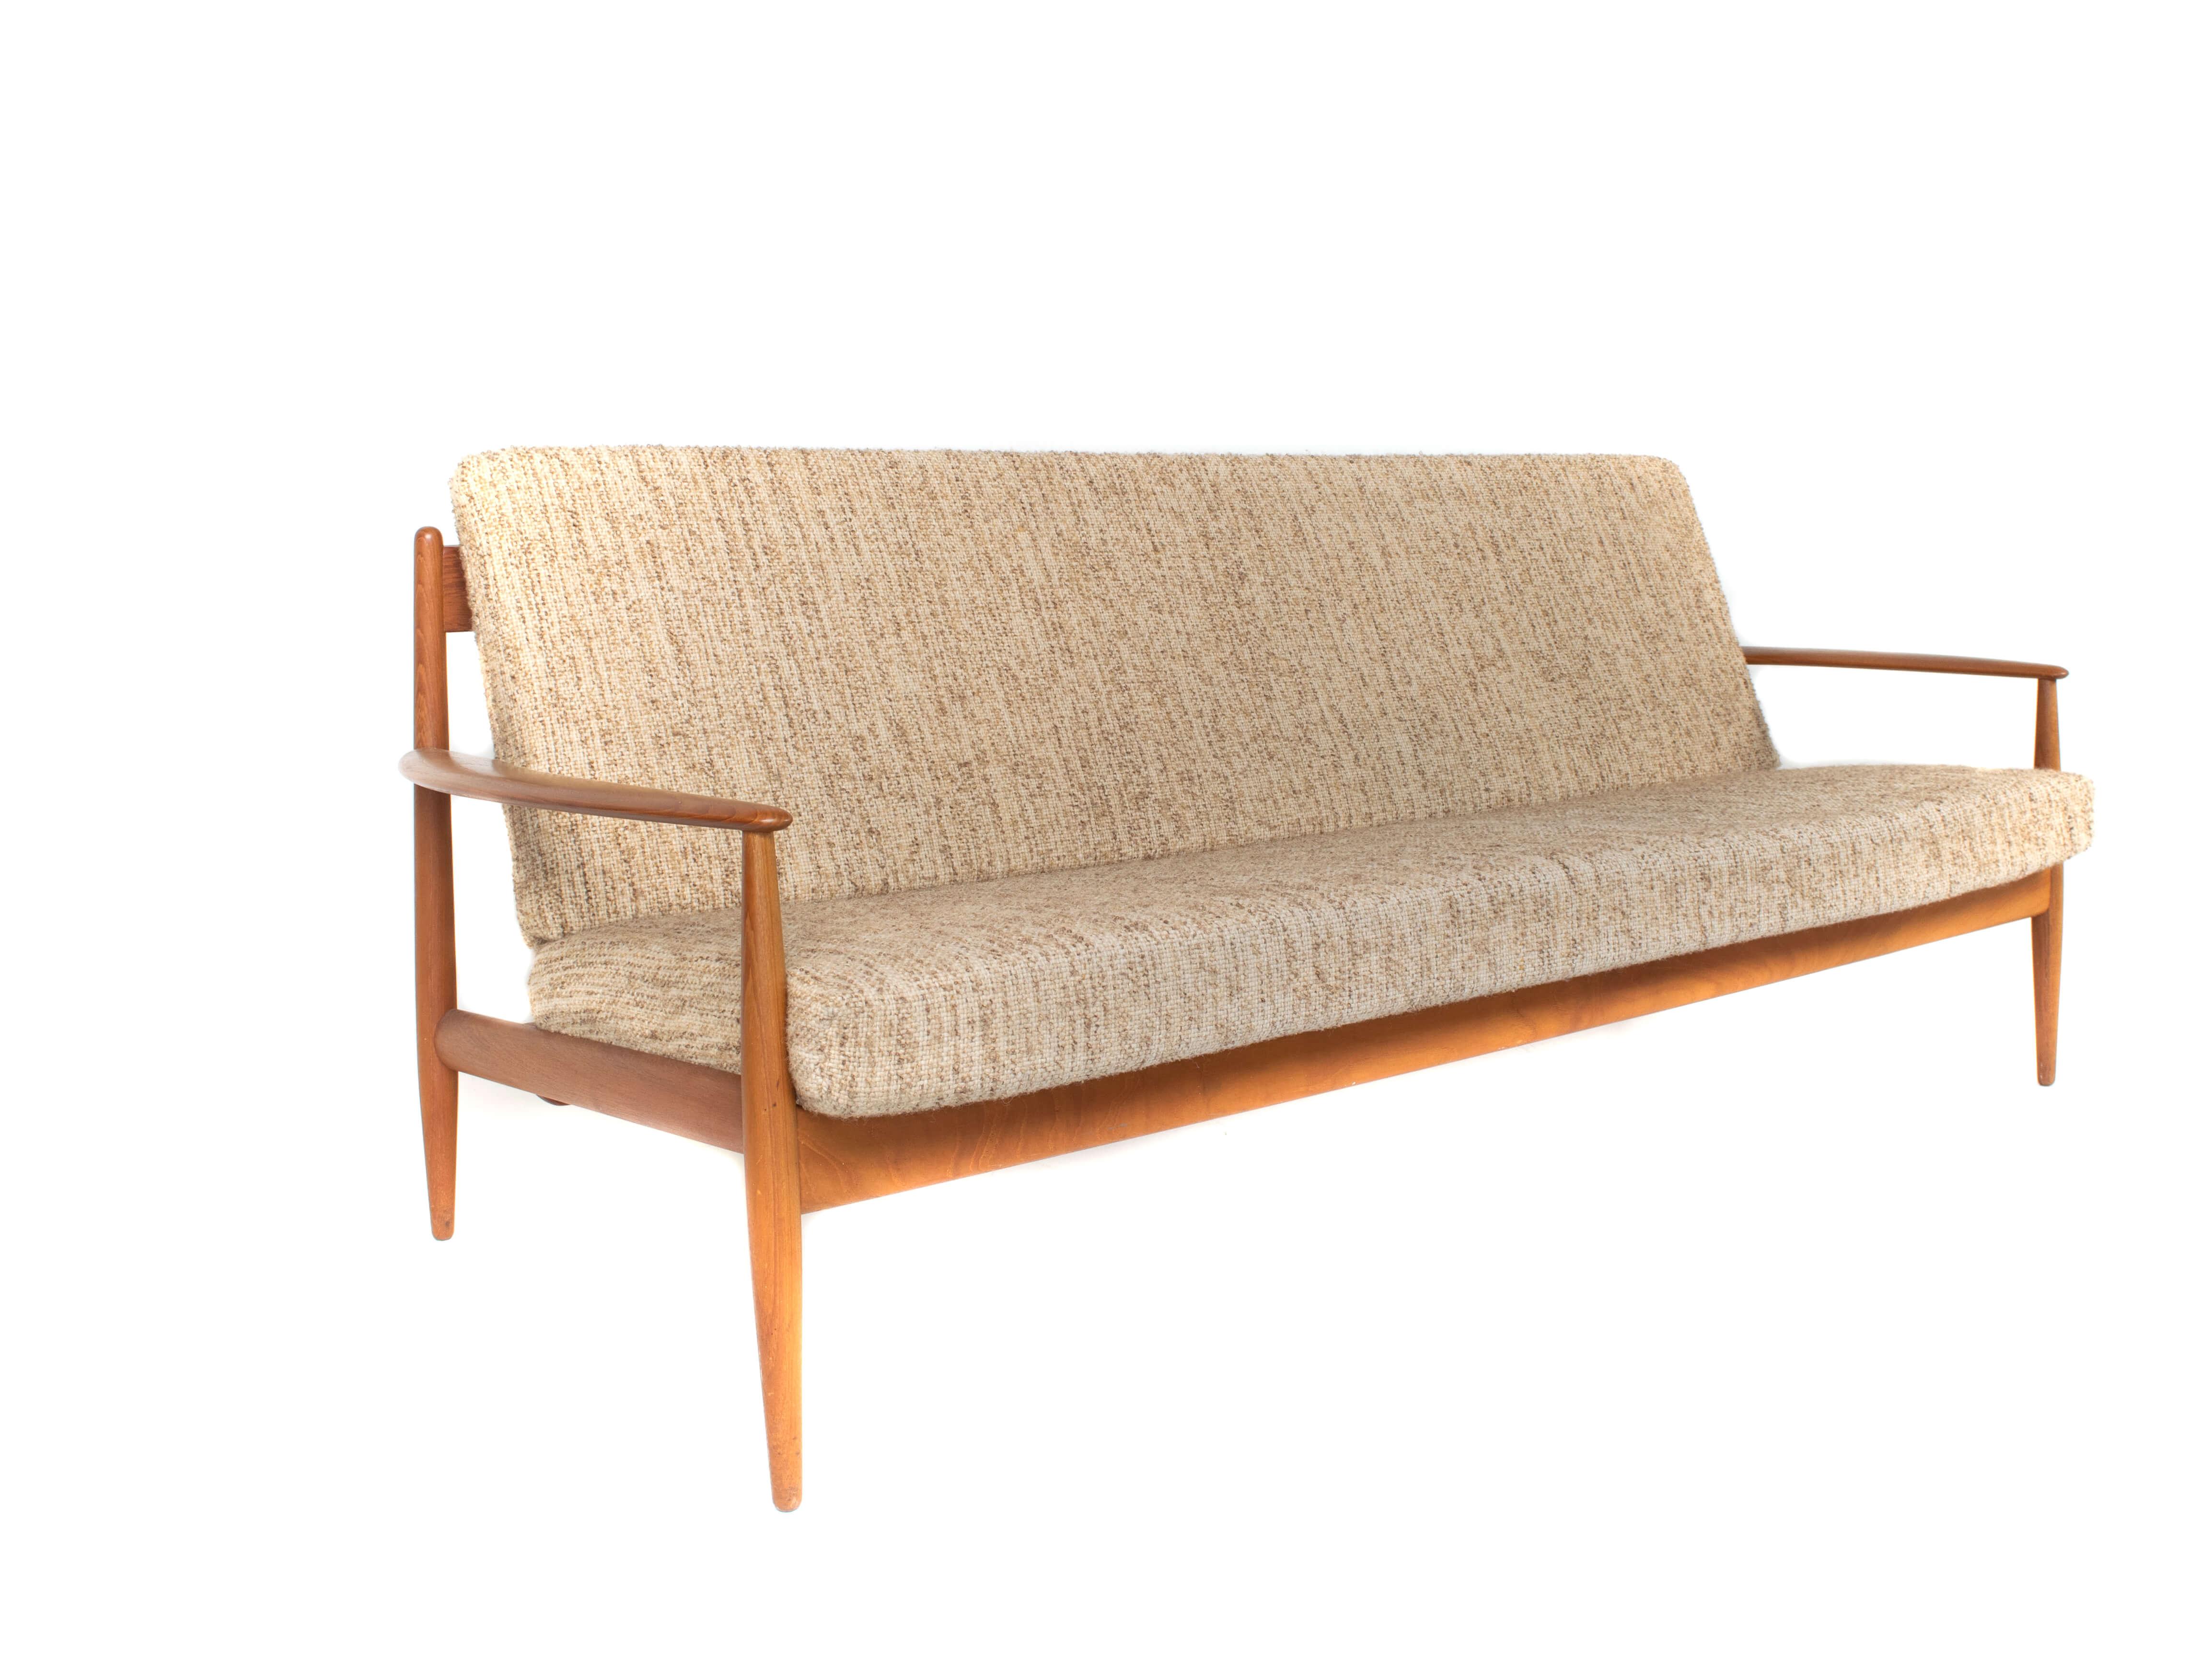 Grete Jalk Three-Seat Sofa for France & Søn, Denmark 1960s